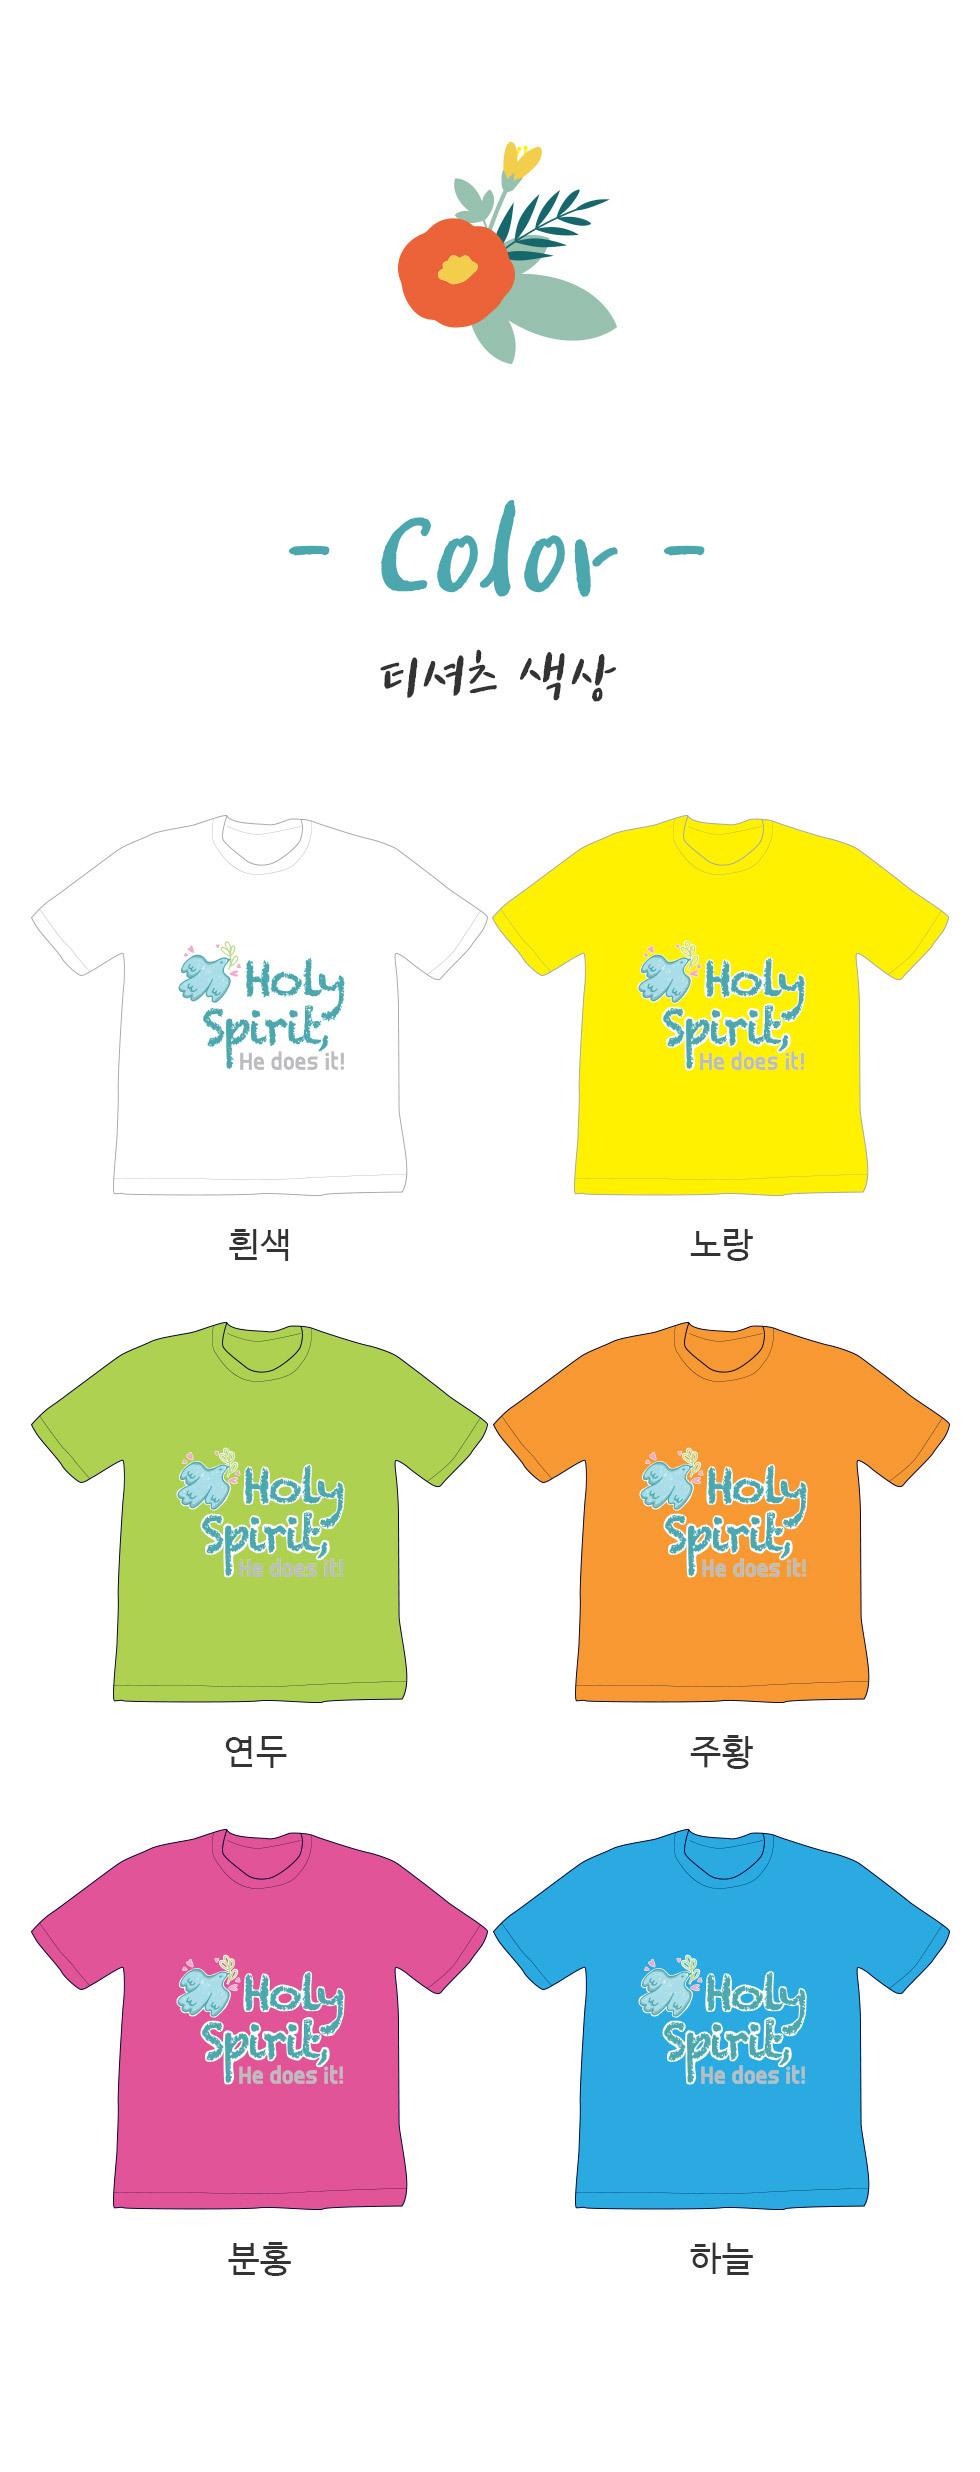 교회 단체티셔츠 성령님이 하신다 (Holy Spirit, He does it!) - 성인티셔츠(비둘기) 티셔츠 색상보기